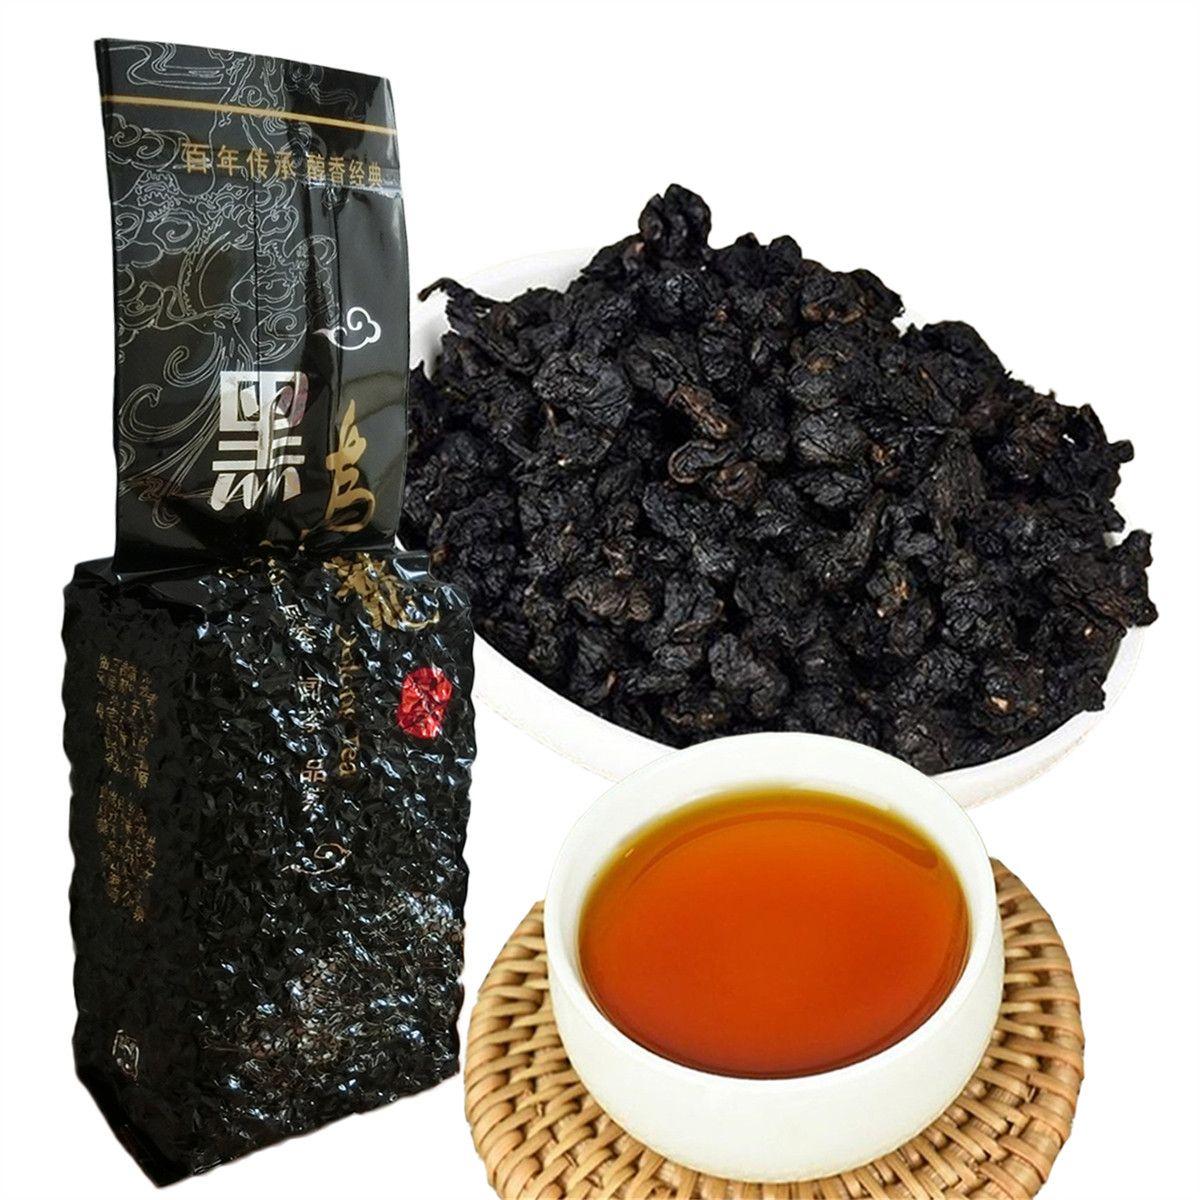 250g té orgánico chino de Oolong fresco natural al horno té Oolong oscuro verde Health Care nuevo té verde del resorte alimento preferido